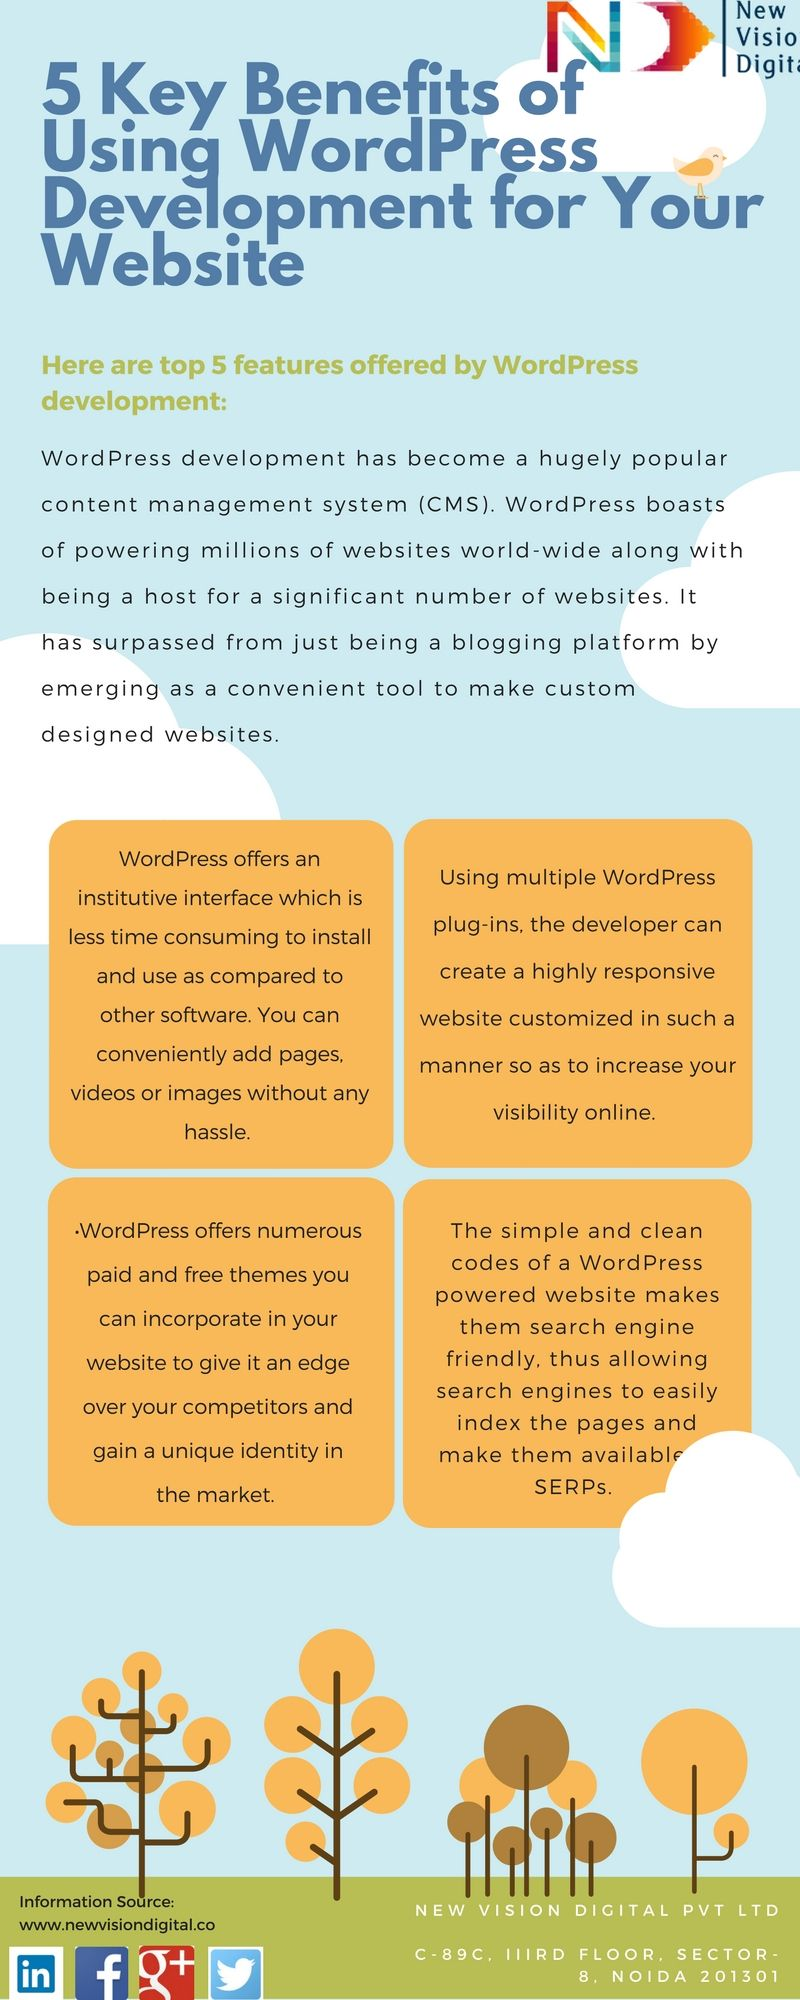 New Vision Digital Pvt Ltd is a Digital Marketing Company